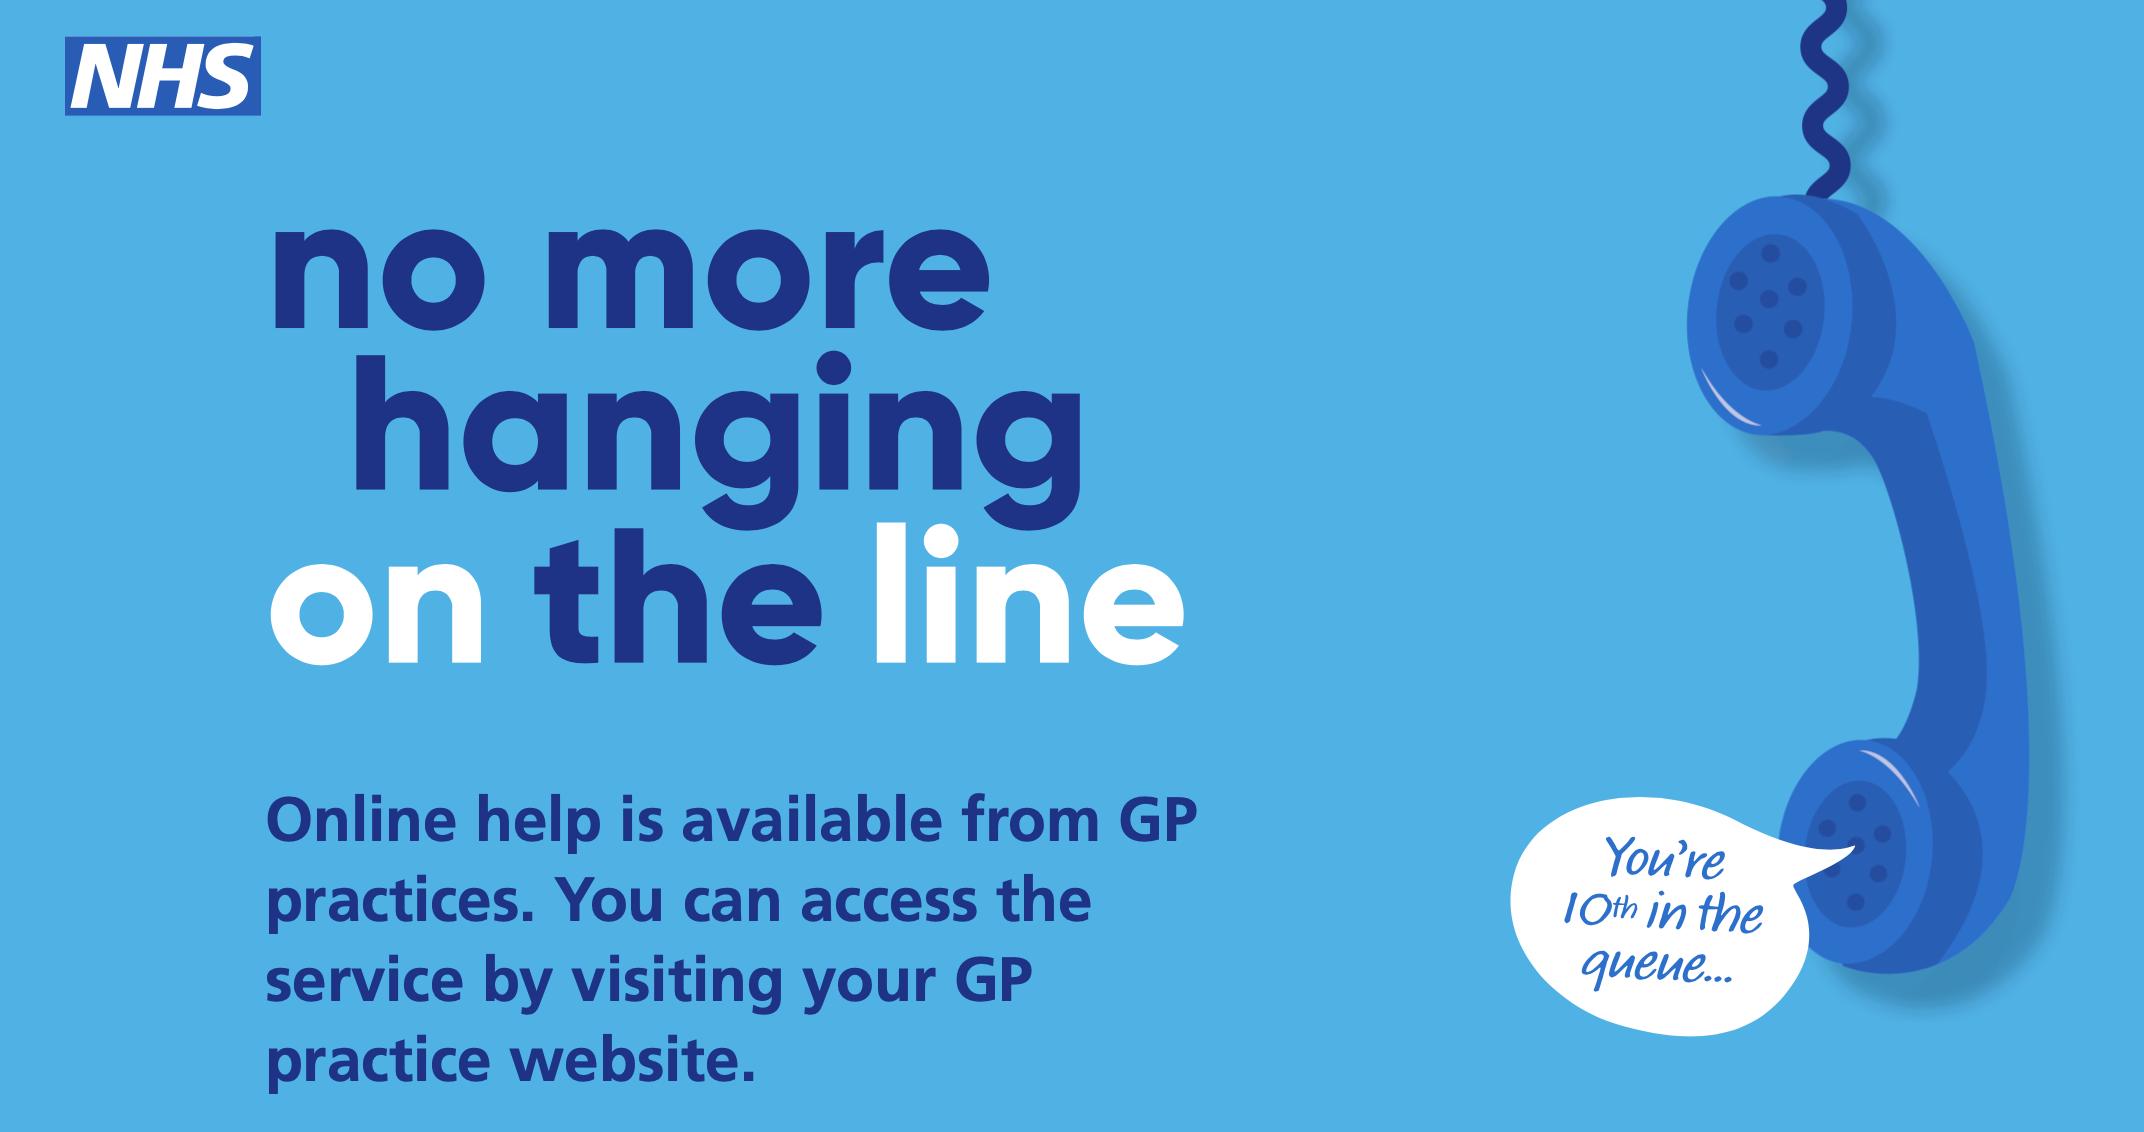 NHS online